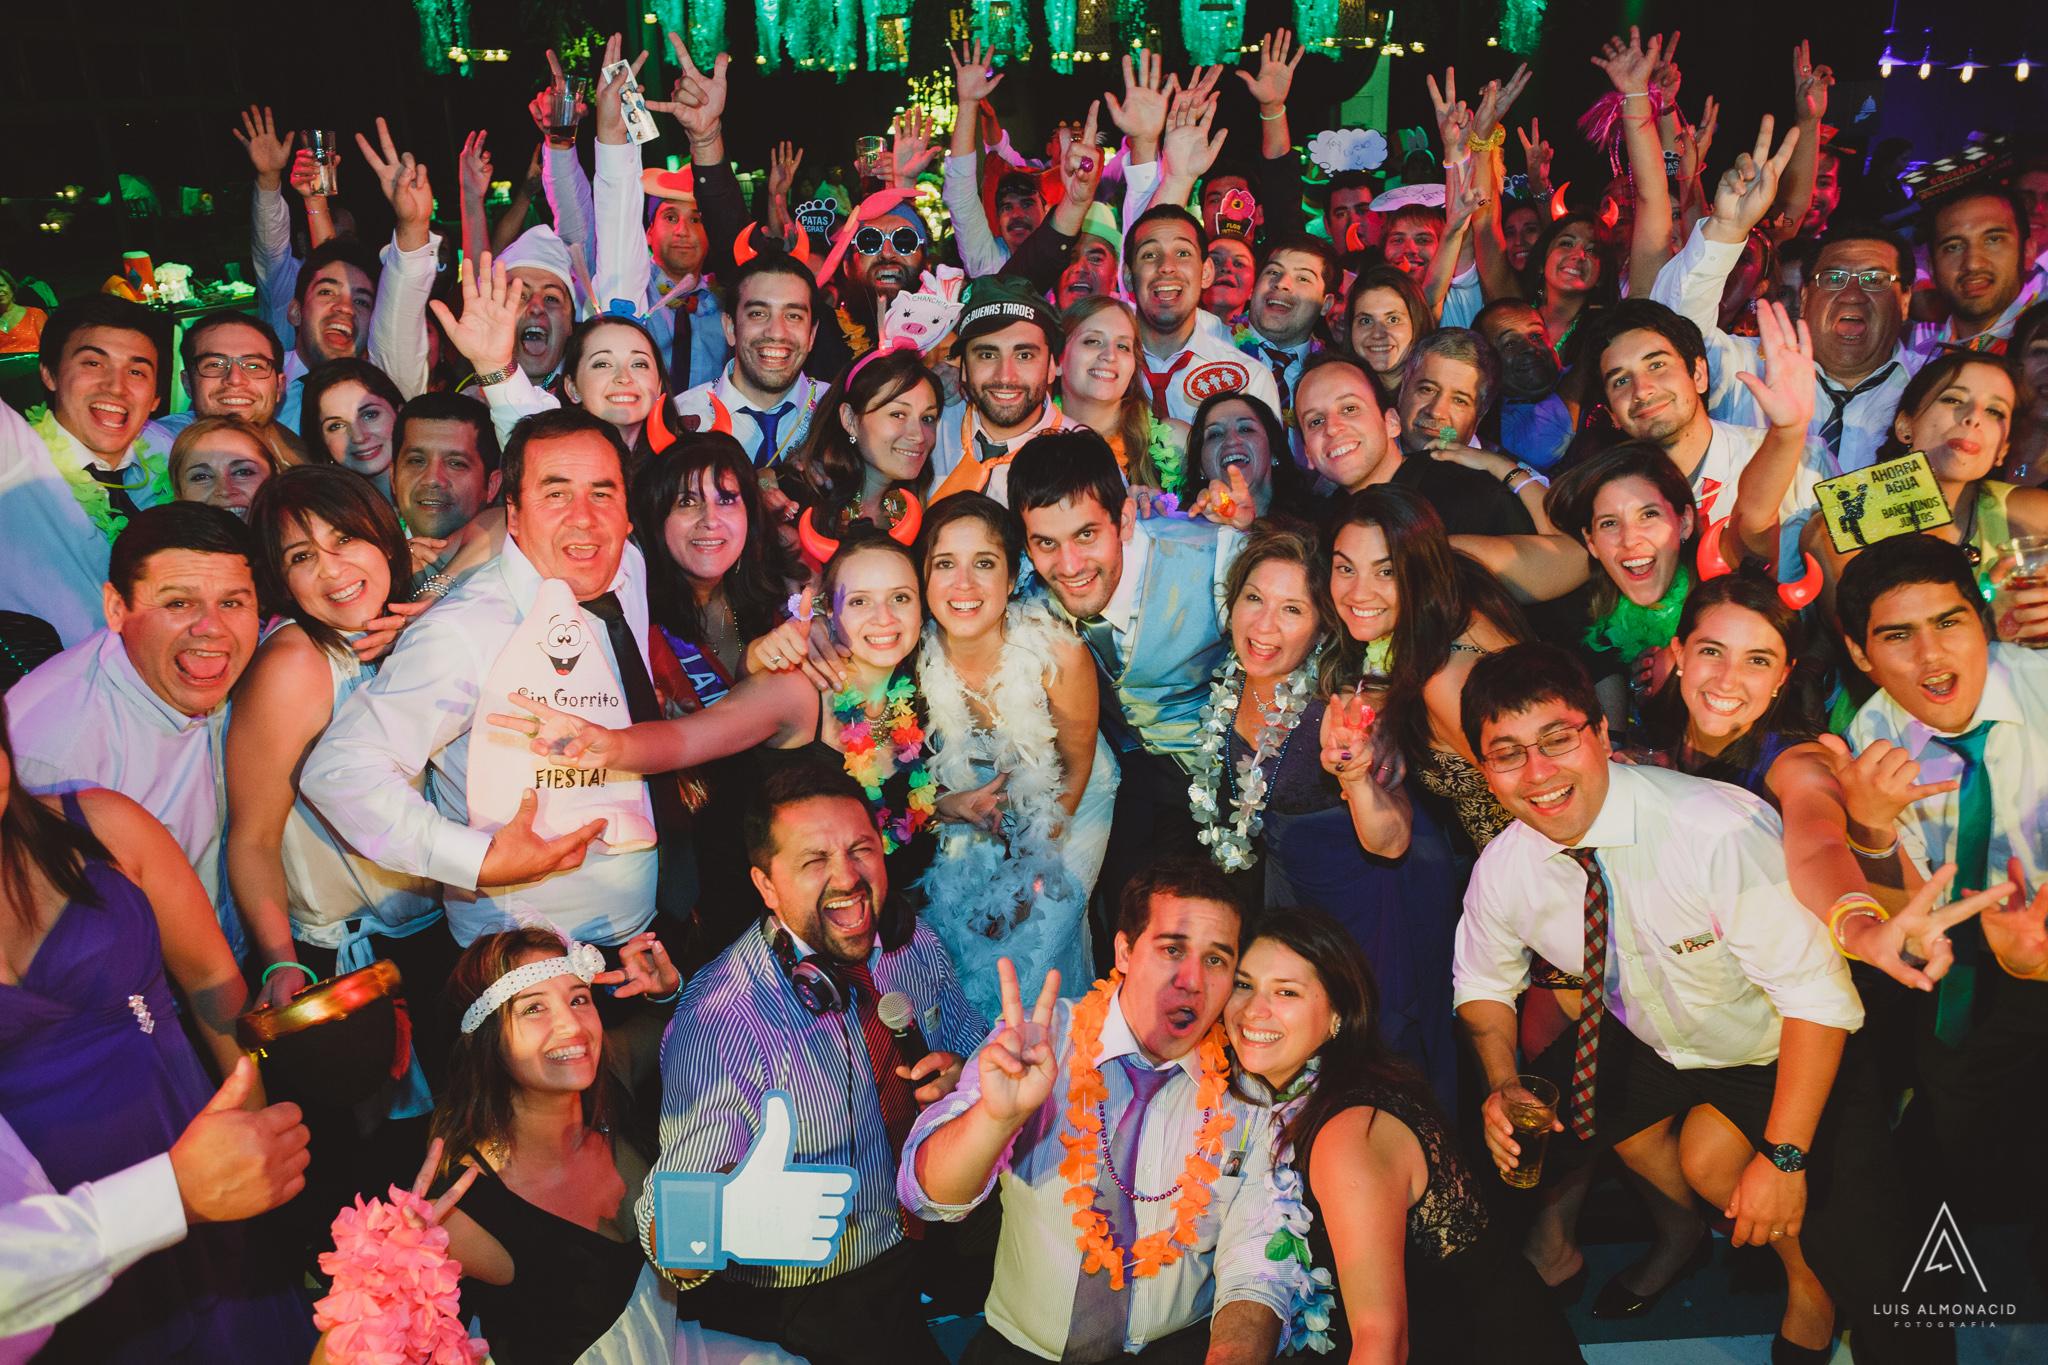 foto-matrimonio-temuco-campus-norte-universidad-catolica-uc